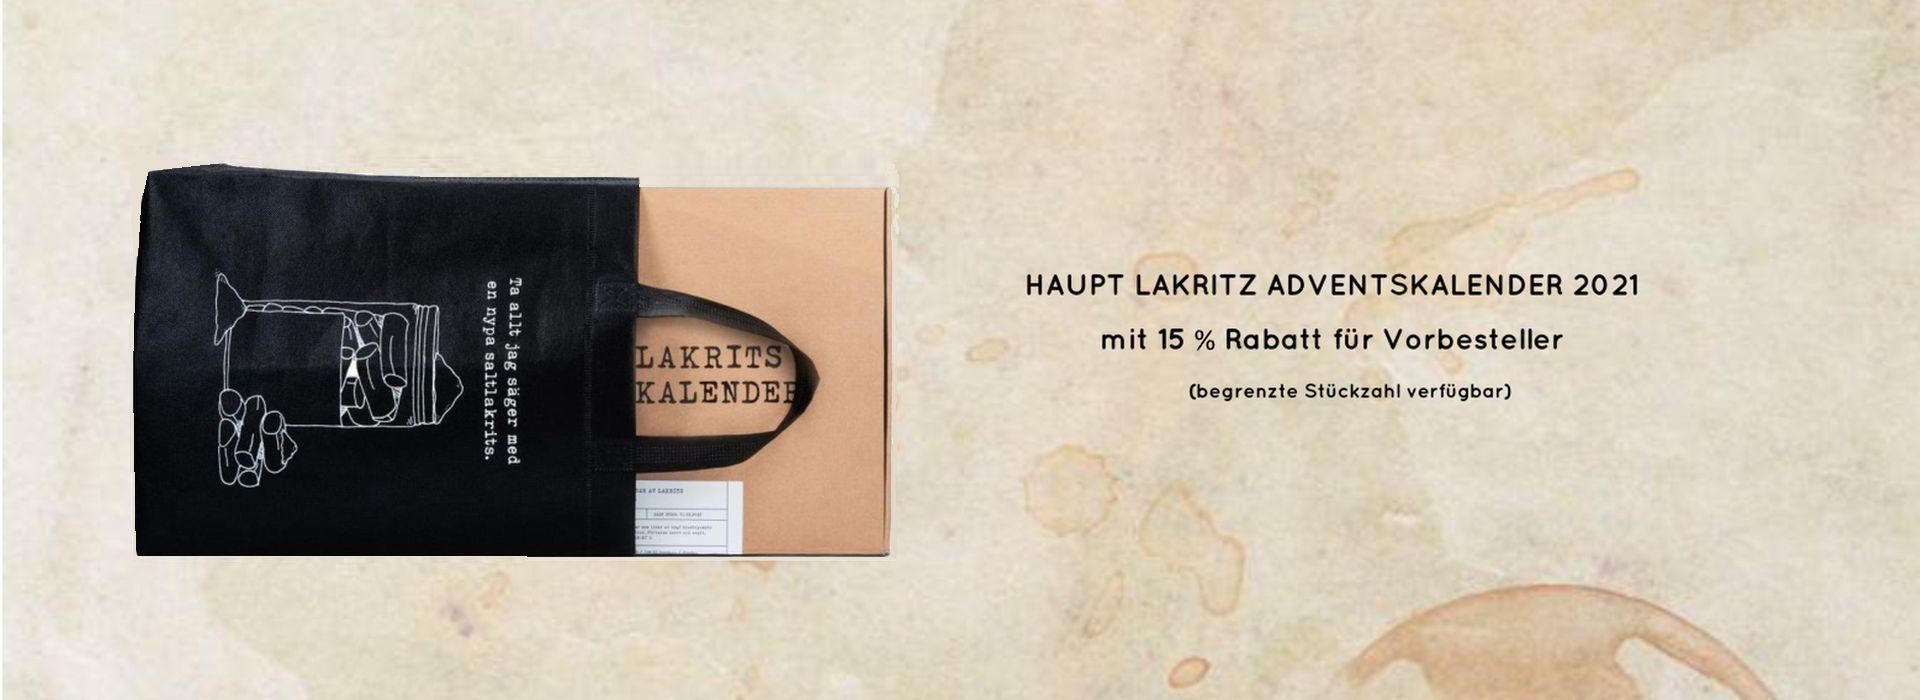 HAUPT_2021